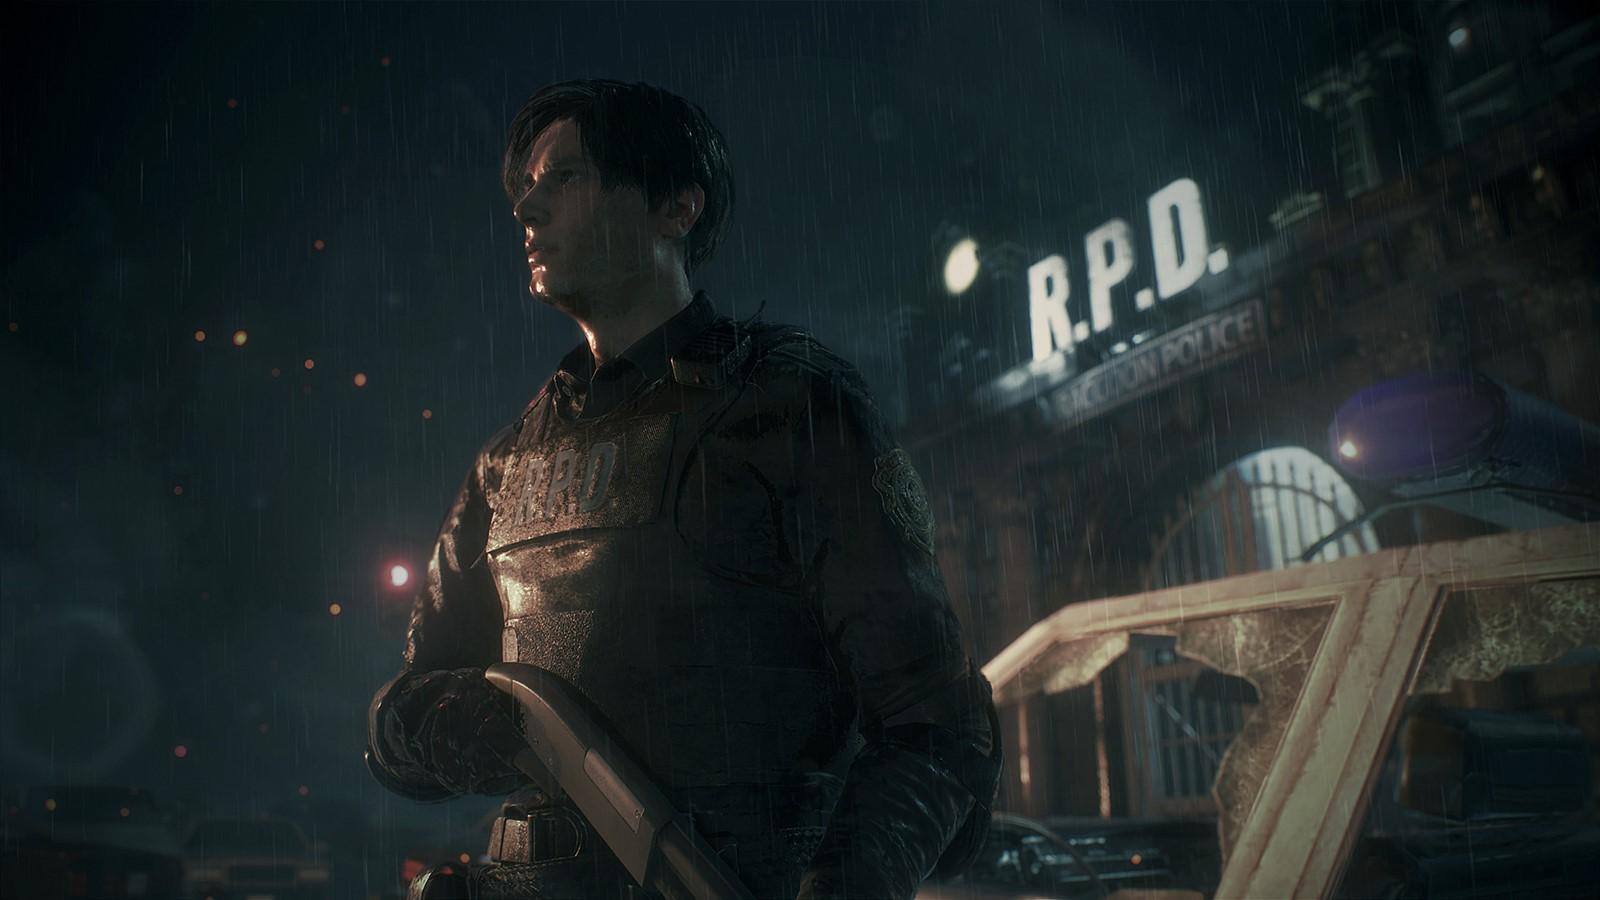 (한글)레지던트이블2RE 풀모드 신사및 의상 공포 FPS 도망 생존 귀신 좀비